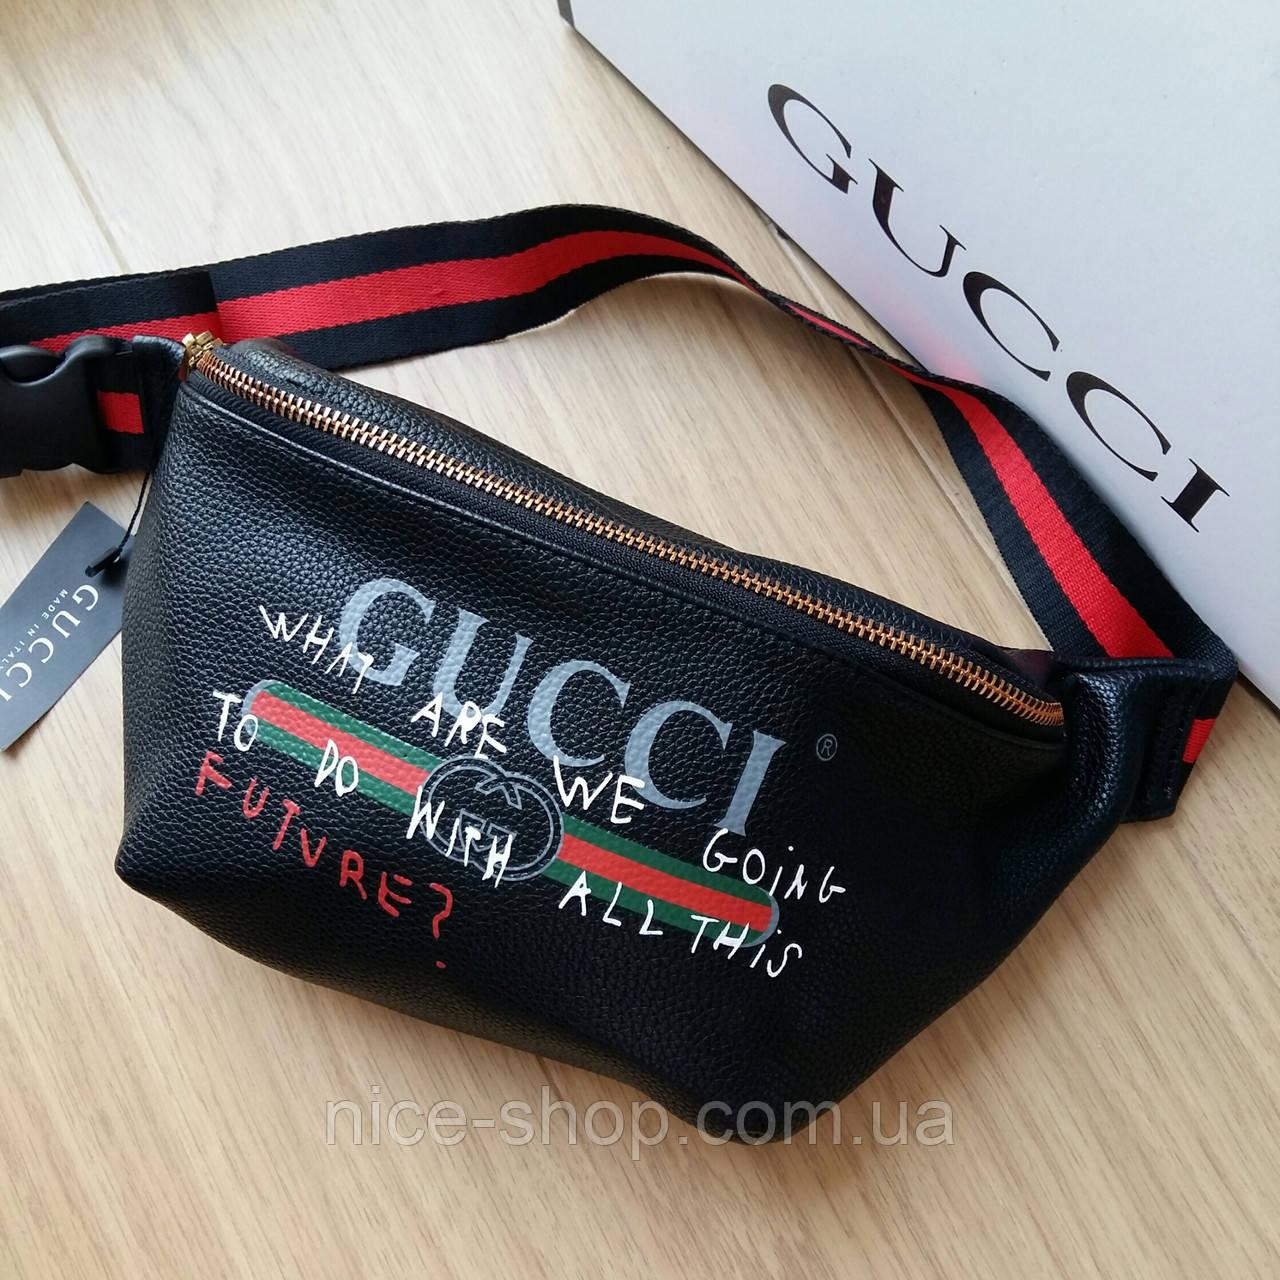 Сумка на пояс Gucci черная Люксовая